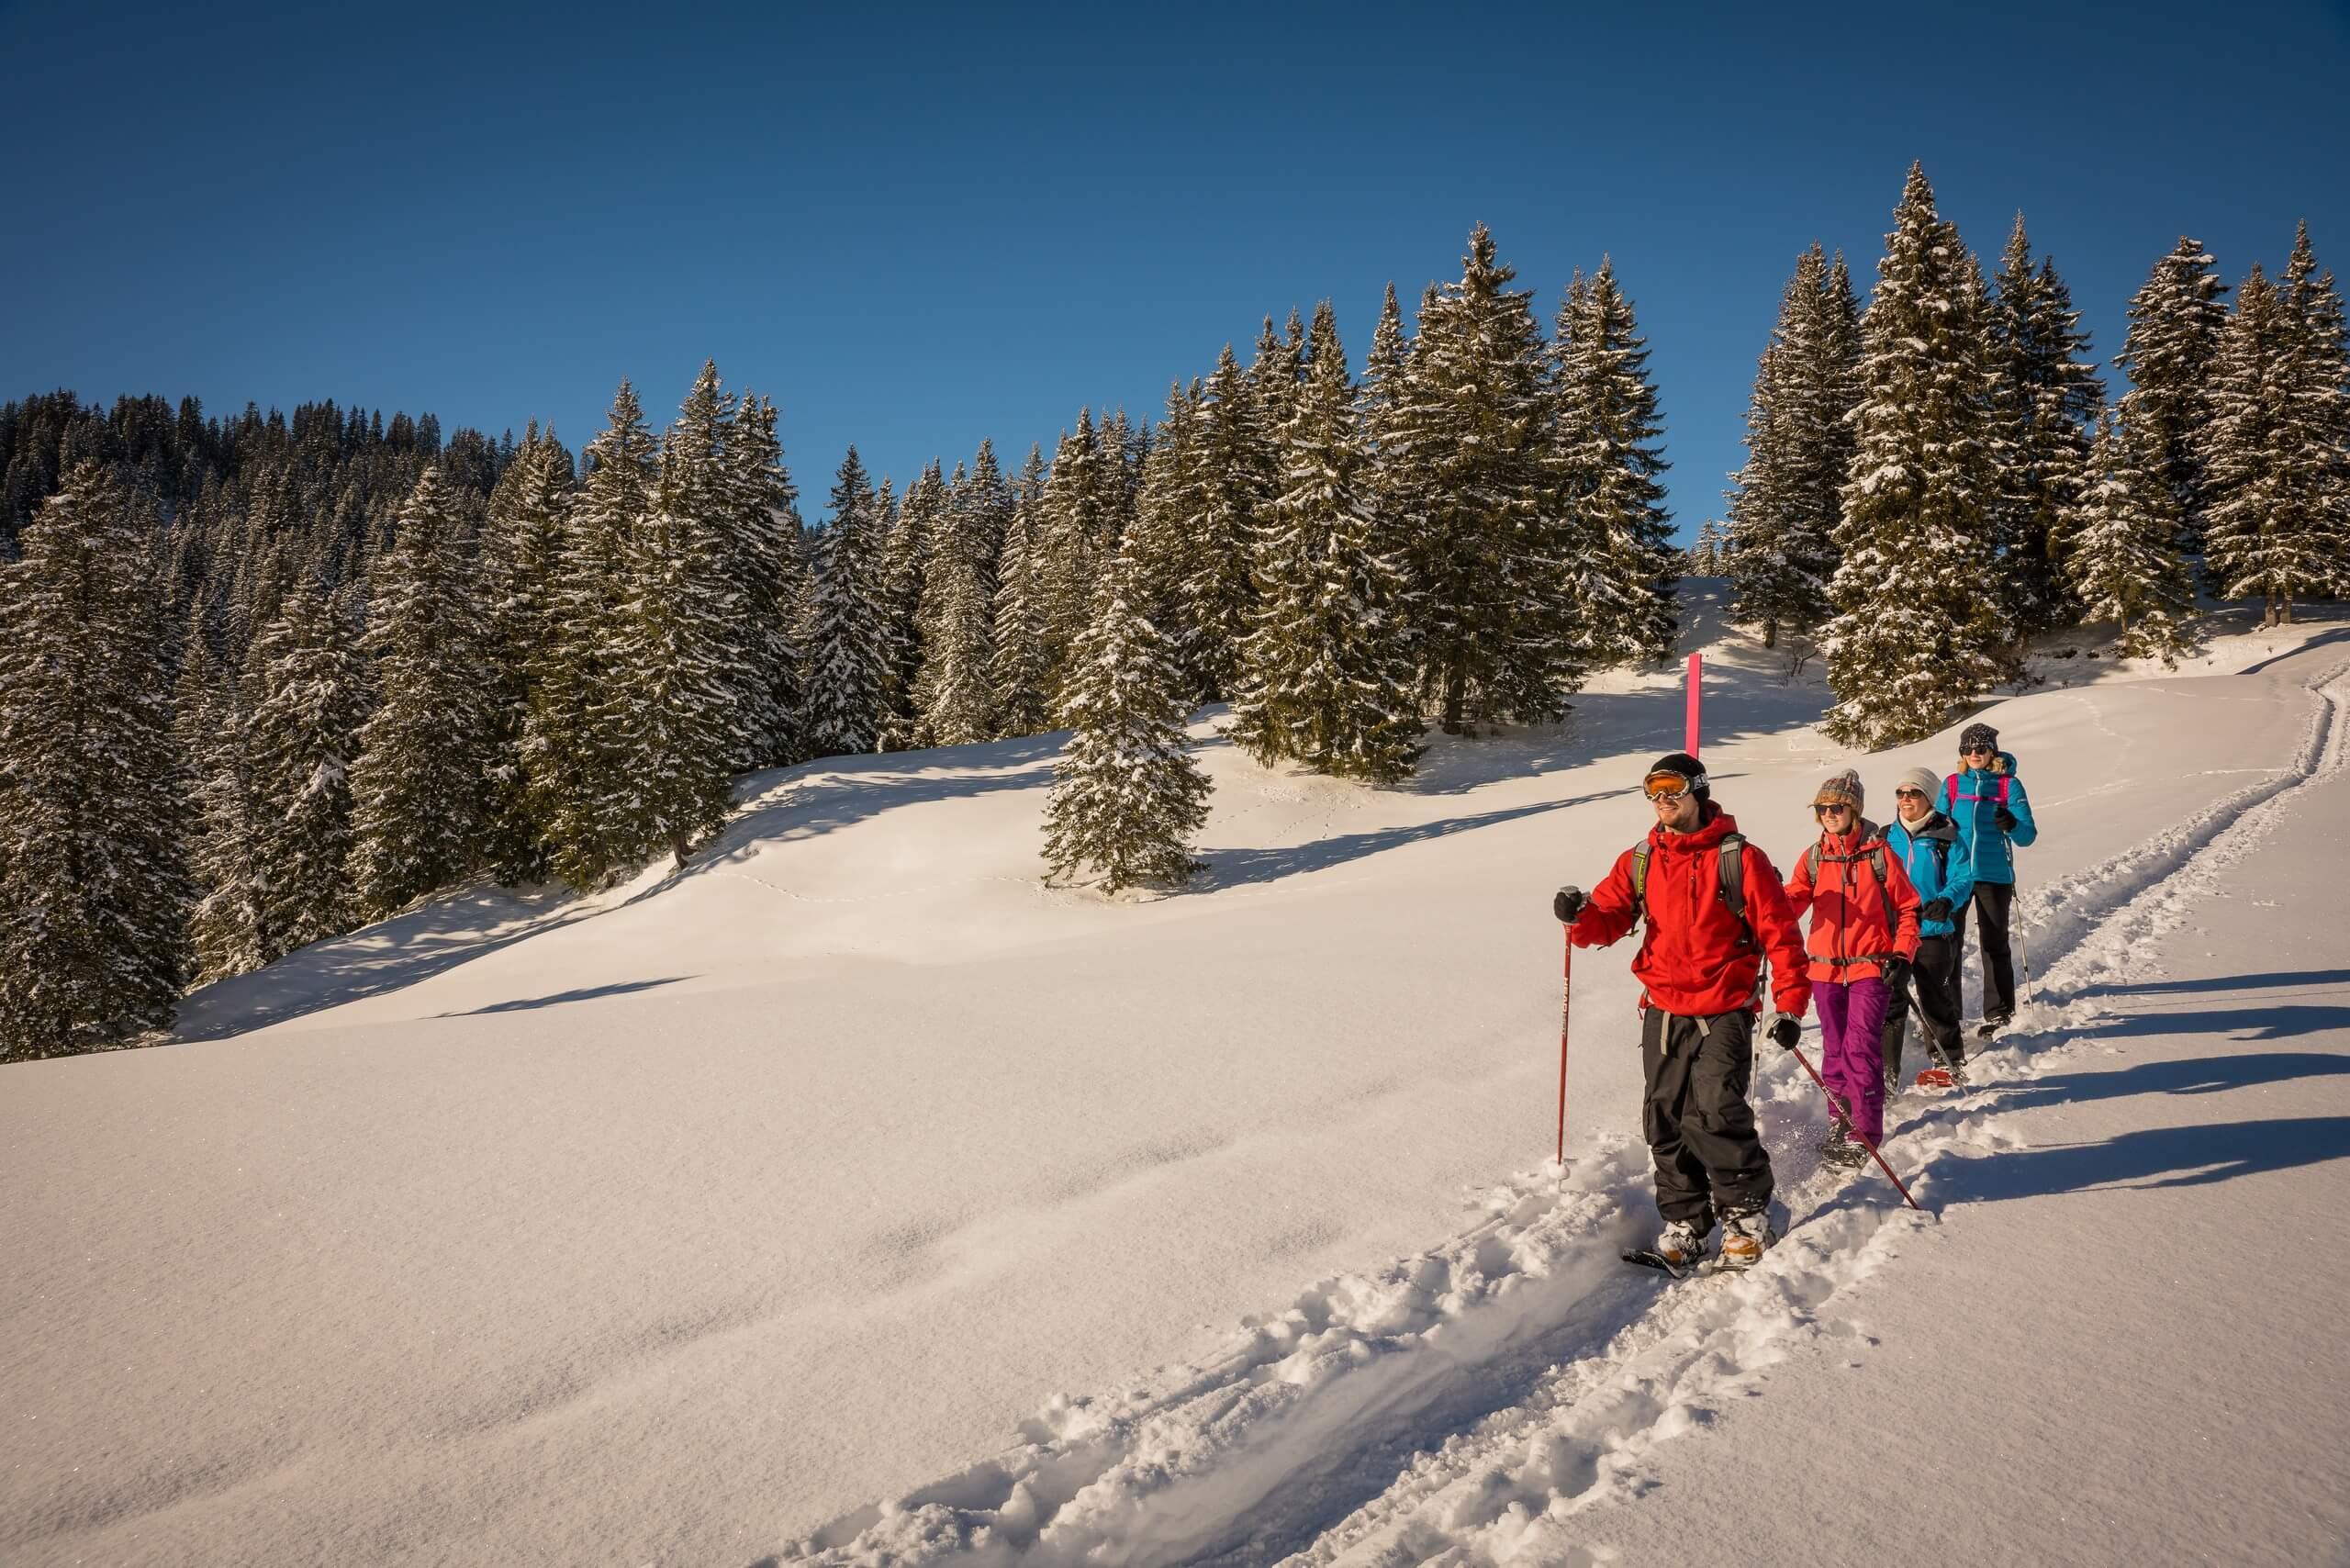 habkern-lombachalp-winter-schneeschuhlaufen-wald-winteraktivitaeten